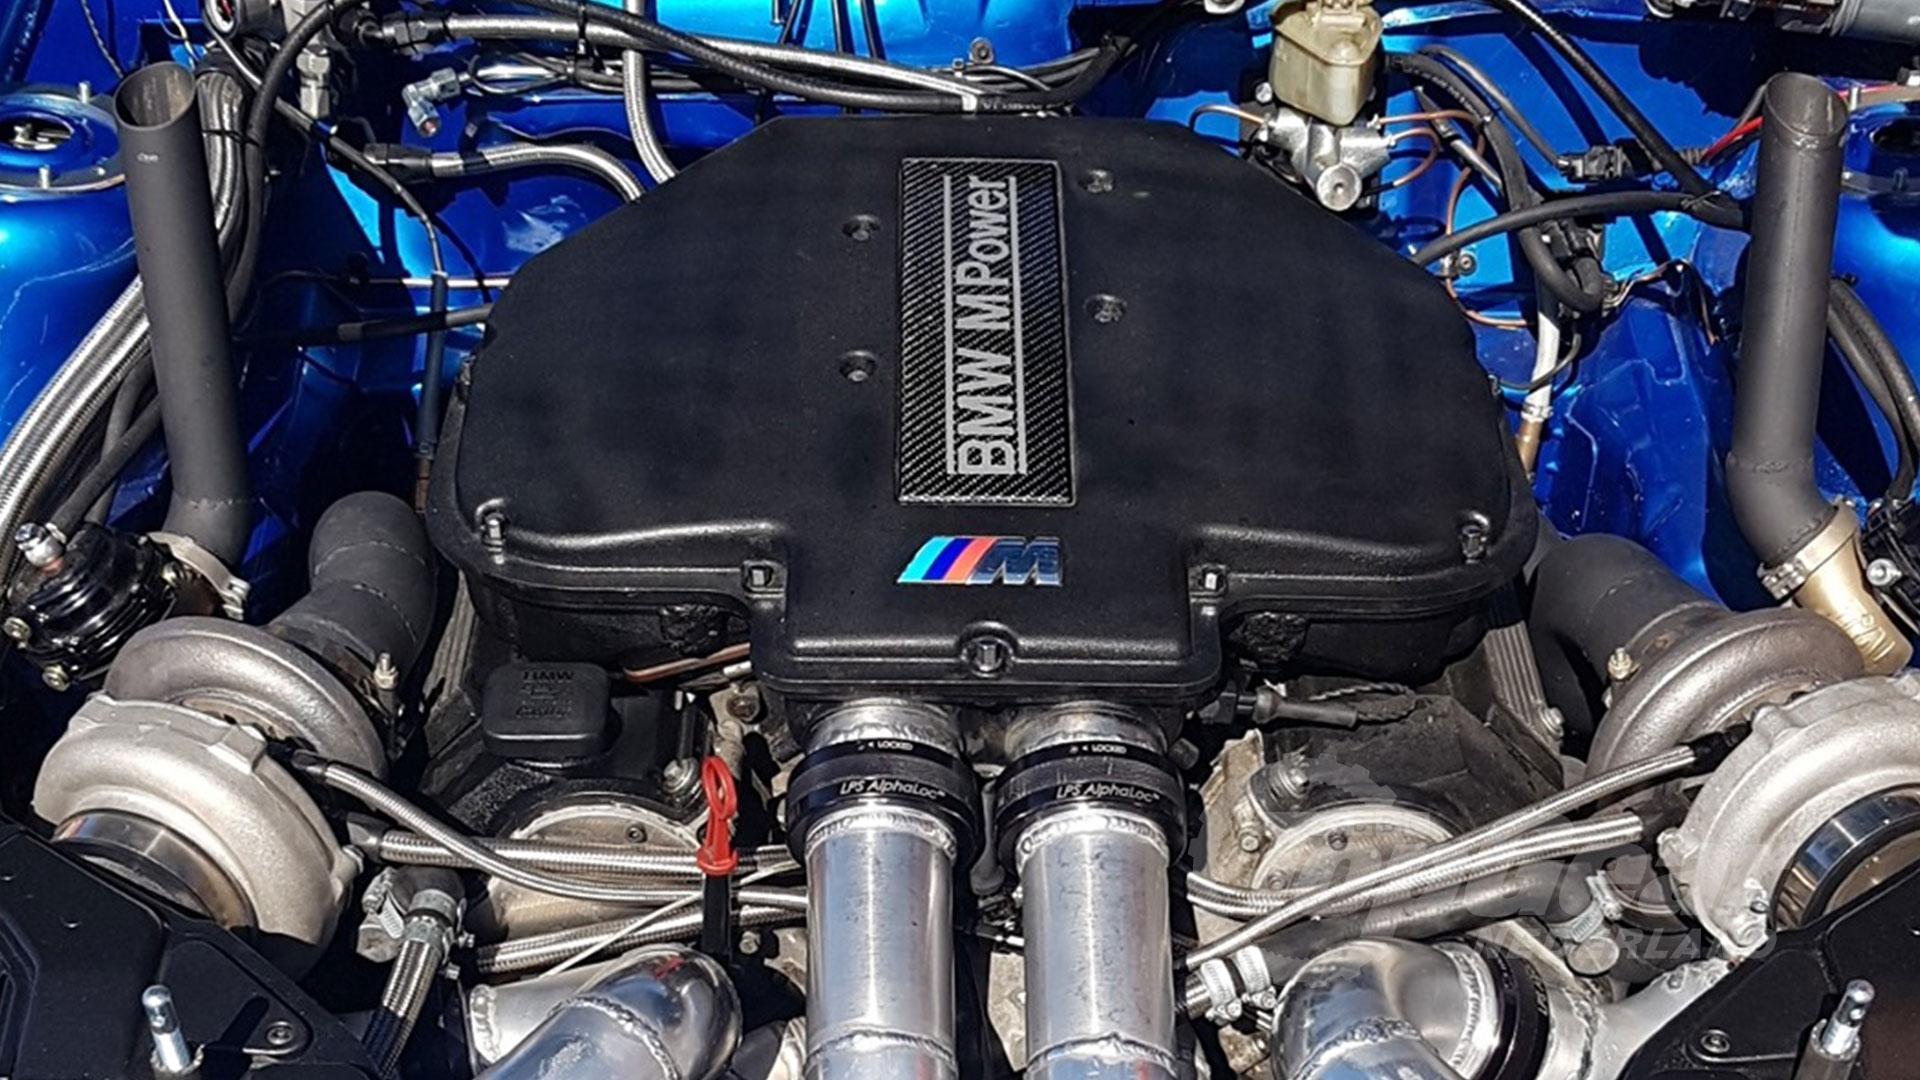 Volvo V40 met BMW V8